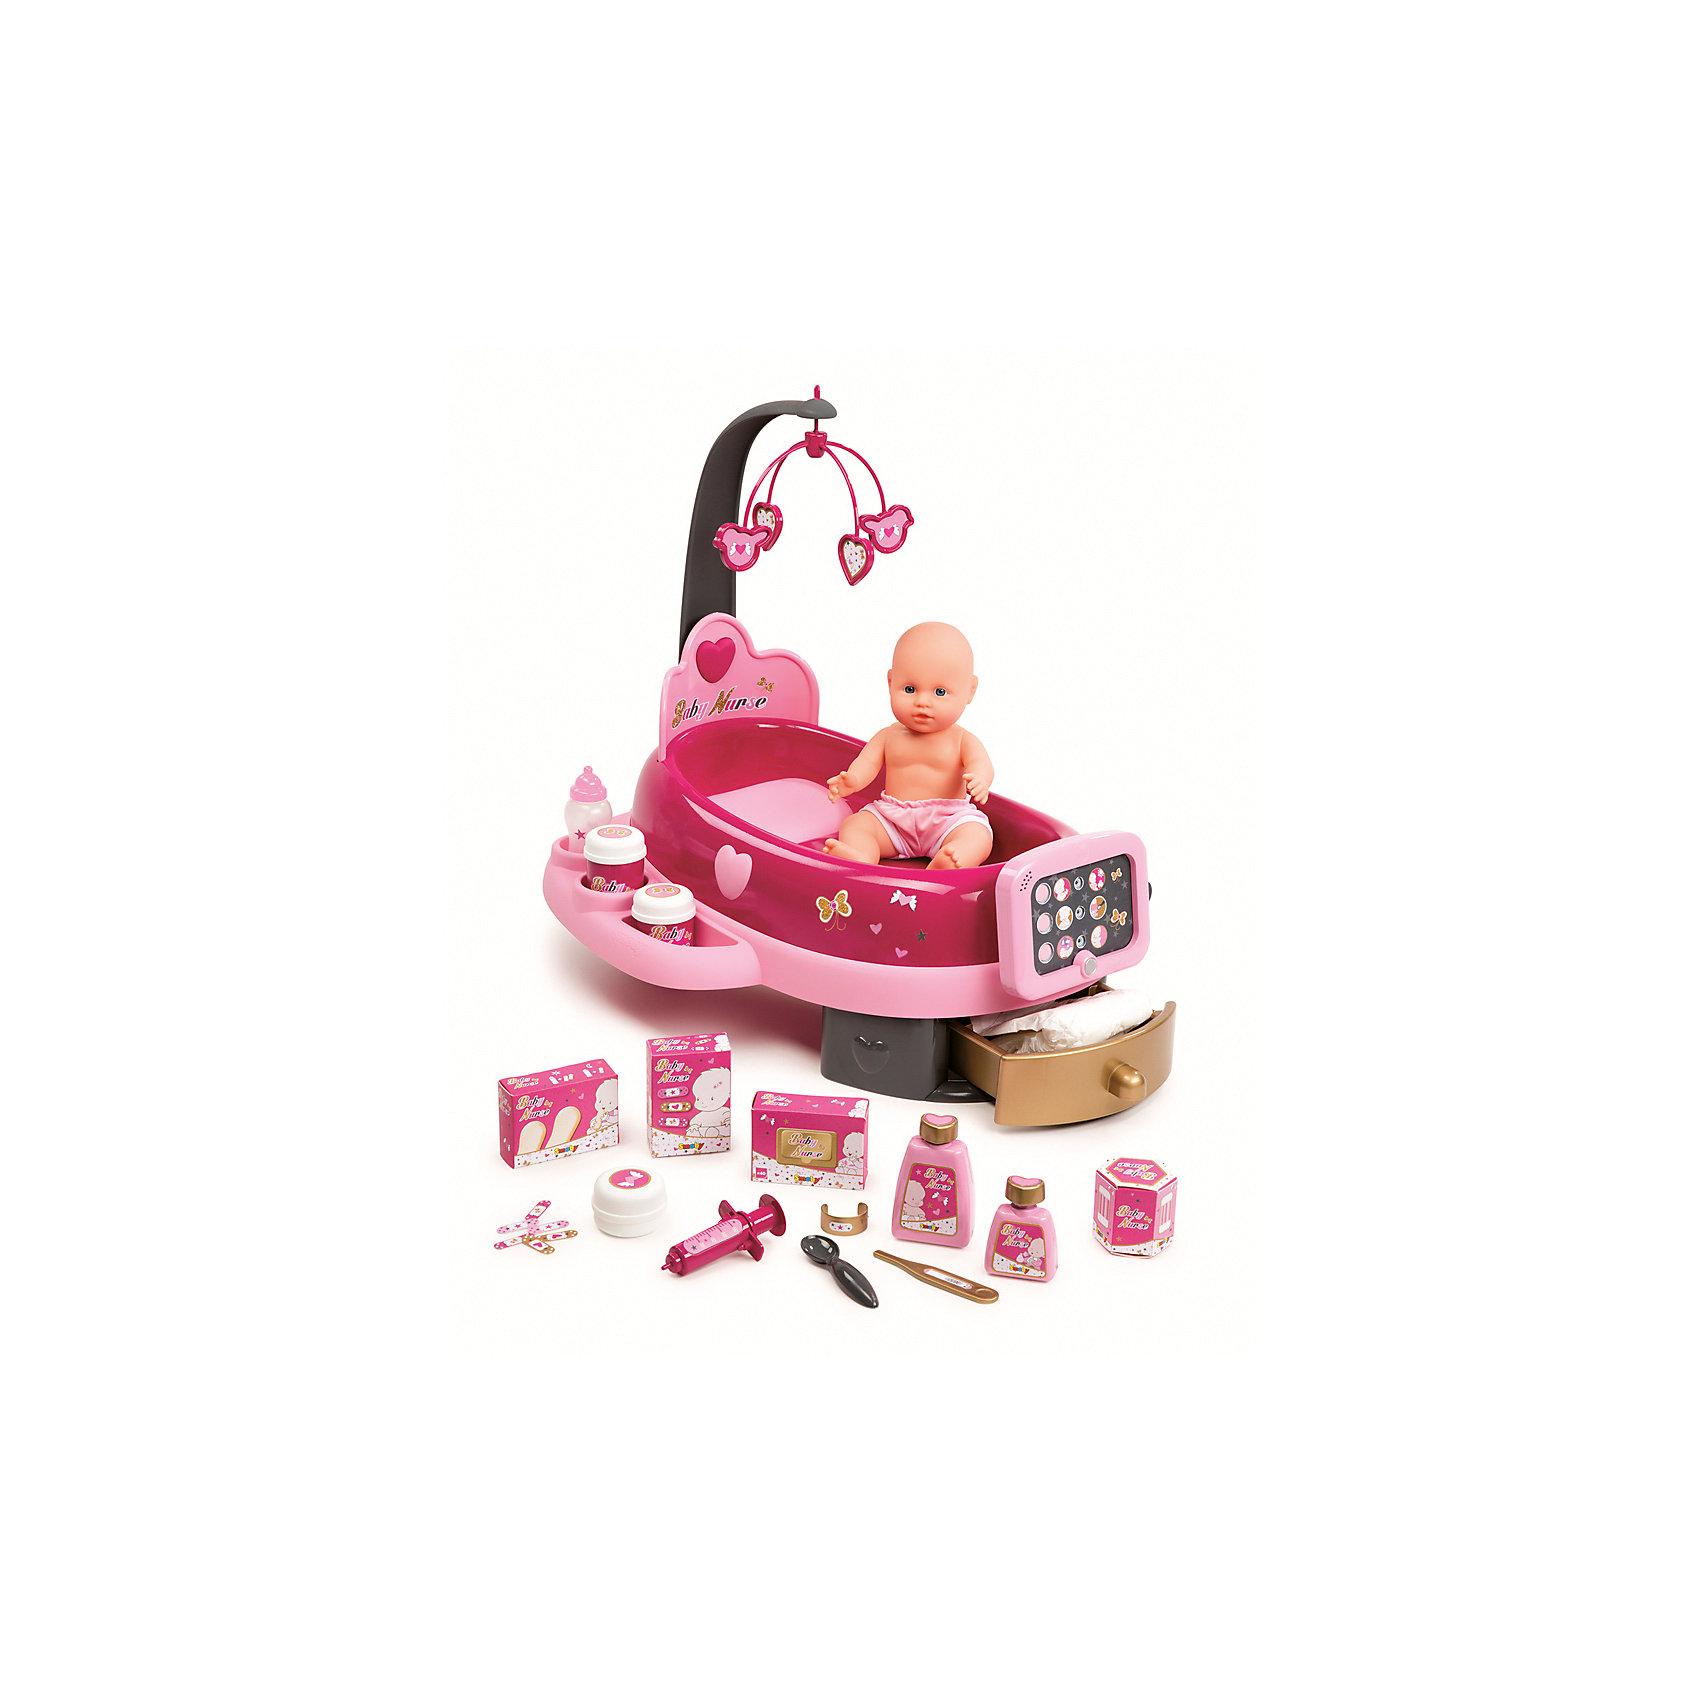 Набор по уходу за куклой, со светом и звуком, 39*54*50 см, SmobyАксессуары для кукол<br>Характеристики товара:<br><br>• возраст от 3 лет;<br>• материал: пластик;<br>• в комплекте: центр по уходу за куклой, кукла, 4 коробочки, 5 баночек, 1 бутылочка, 6 пластырей, памперс, ложка, градусник, шприц, браслет, звуковой дисплей;<br>• подходит для кукол высотой до 32 см;<br>• работает от 2 батареек ААА (в комплект не входят);<br>• размер упаковки 64х49х14,4 см;<br>• вес упаковки 1,96 кг;<br>• страна производитель: Китай.<br><br>Набор по уходу за куклой Smoby включает в себя необходимые аксессуары по уходу за куколкой. Специальный центр оборудован дисплеем, ящиком для вещей, полочкой для бутылочек, дугой с подвесными игрушками. Игрушка оснащена световыми и звуковыми эффектами, что делает игру еще увлекательней. Набор прививает у девочек чувство заботы и ответственности. Игрушка выполнена и качественного безвредного пластика.<br><br>Набор по уходу за куклой Smoby можно приобрести в нашем интернет-магазине.<br><br>Ширина мм: 640<br>Глубина мм: 144<br>Высота мм: 490<br>Вес г: 1960<br>Возраст от месяцев: 36<br>Возраст до месяцев: 96<br>Пол: Женский<br>Возраст: Детский<br>SKU: 5613511